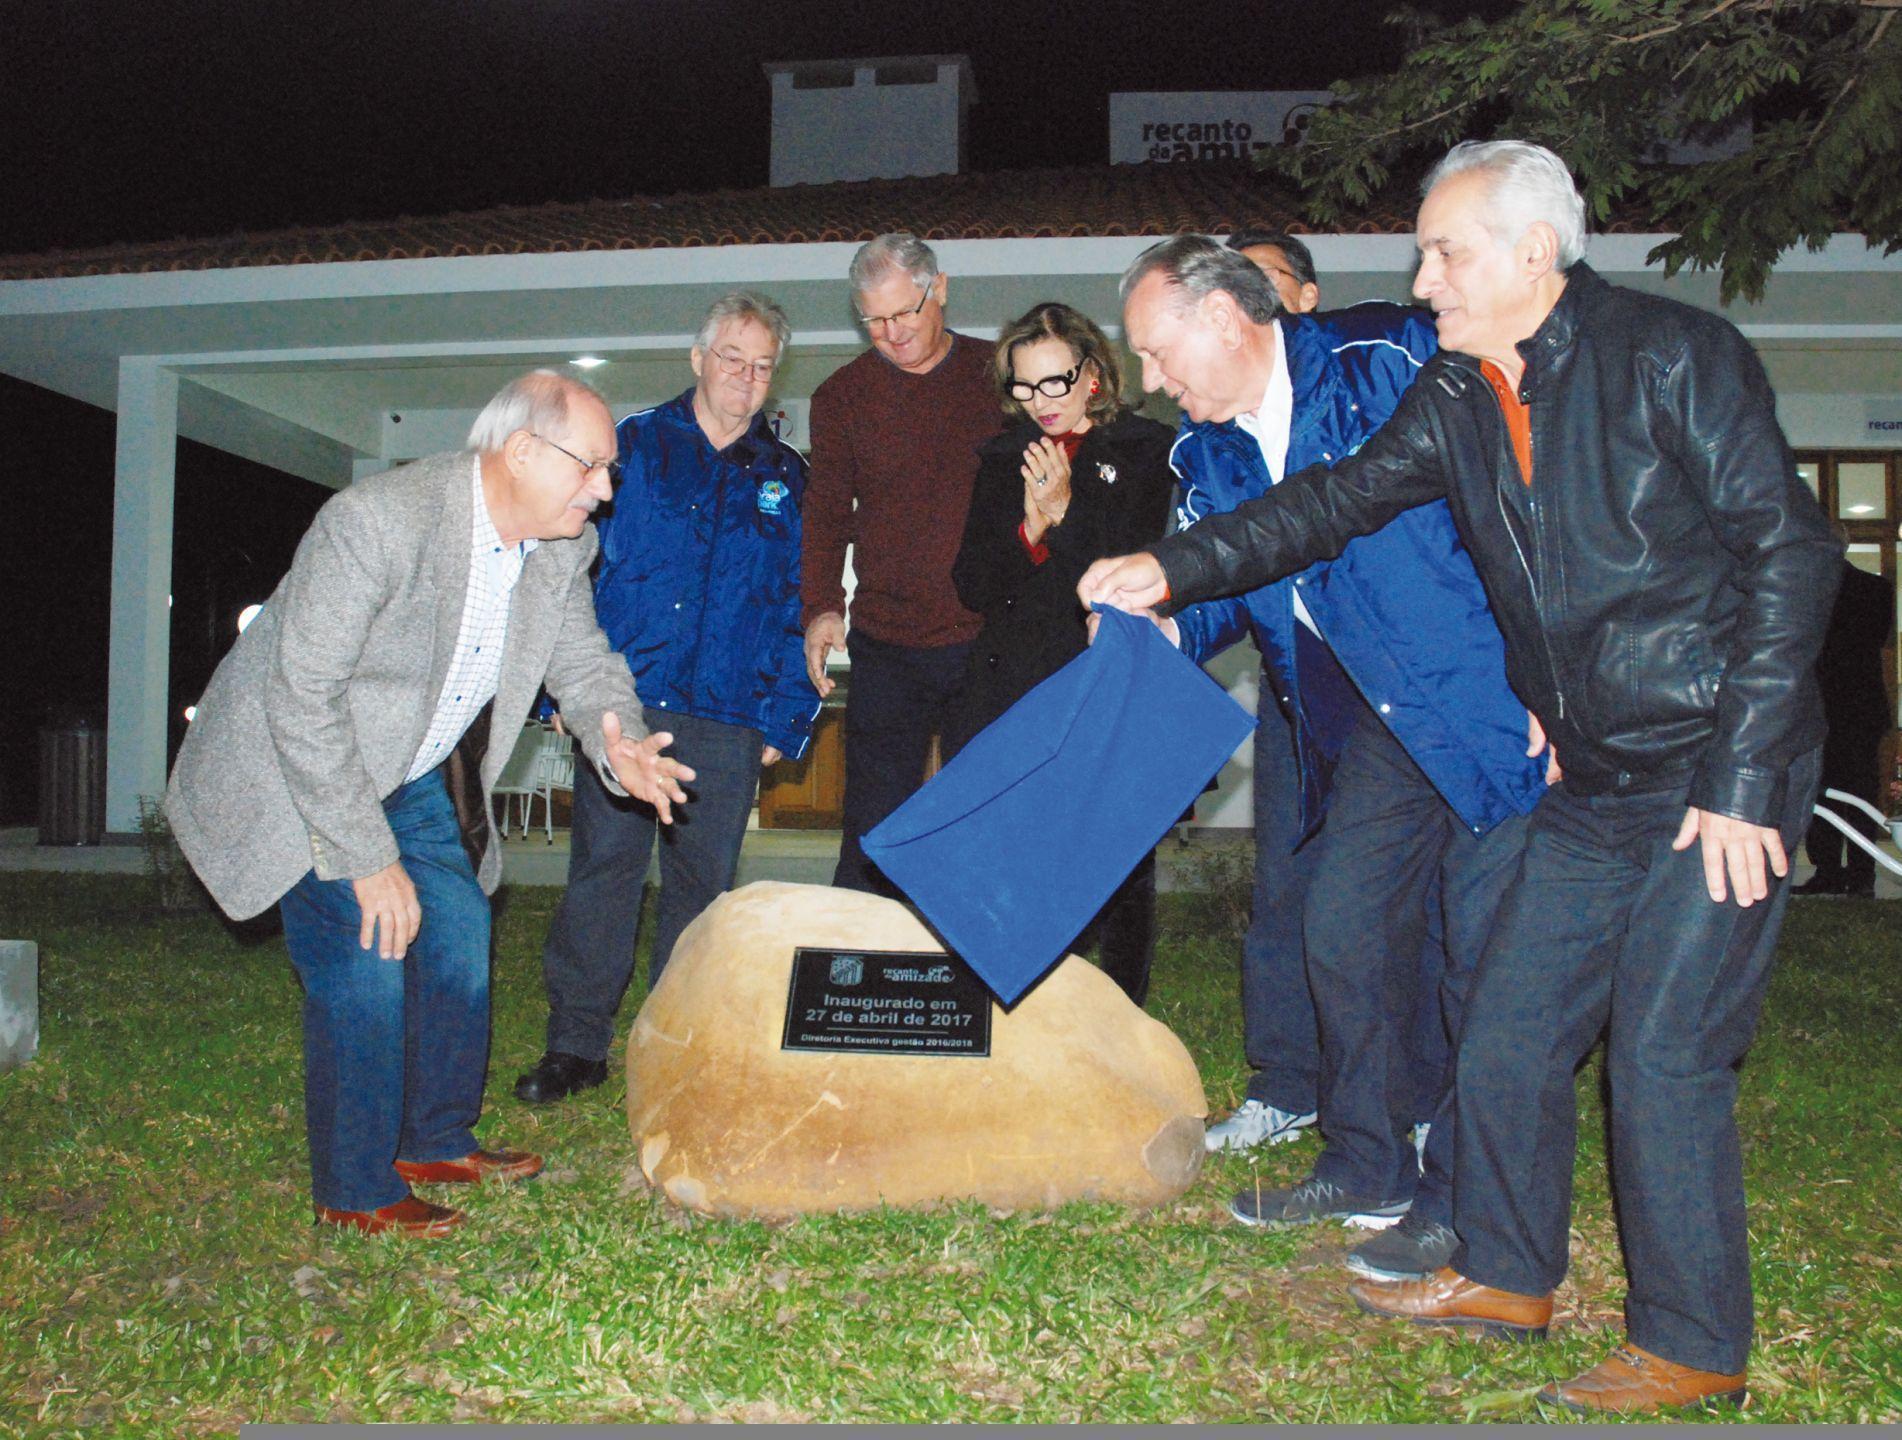 Momento em que é feito o lançamento oficial, com a inauguração da placa comemorativa